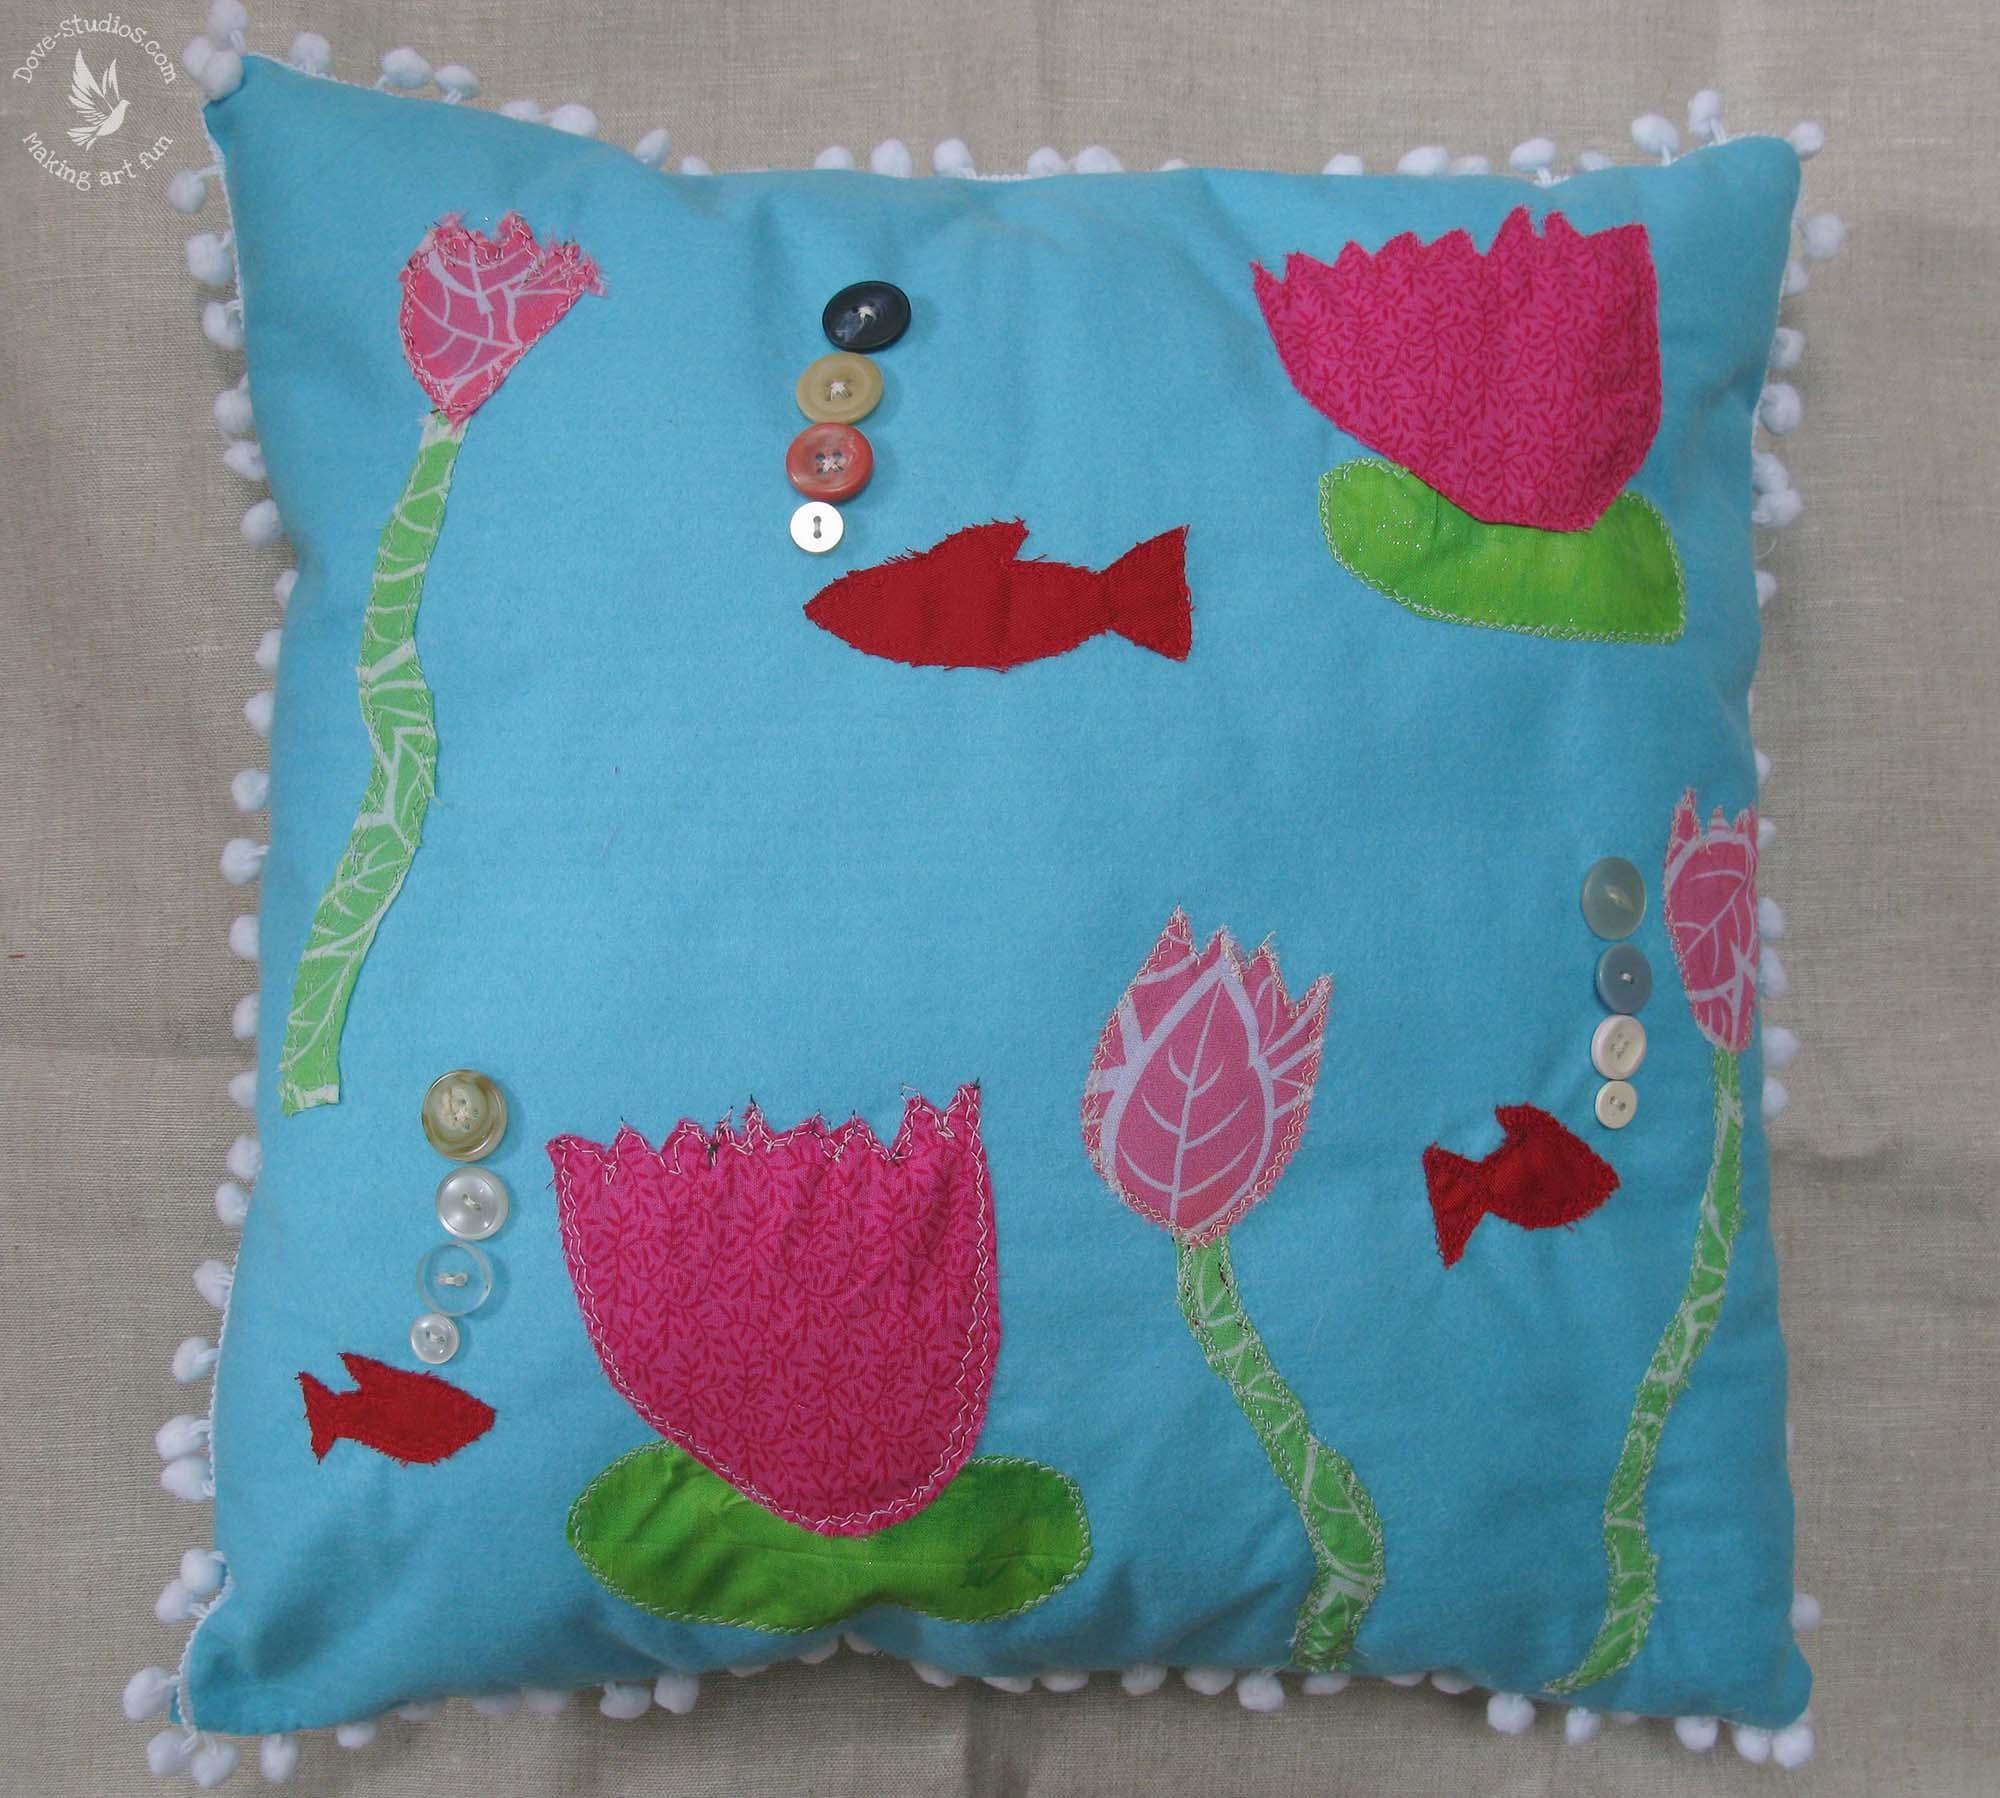 Cushion Making-Tisha 9 yrs